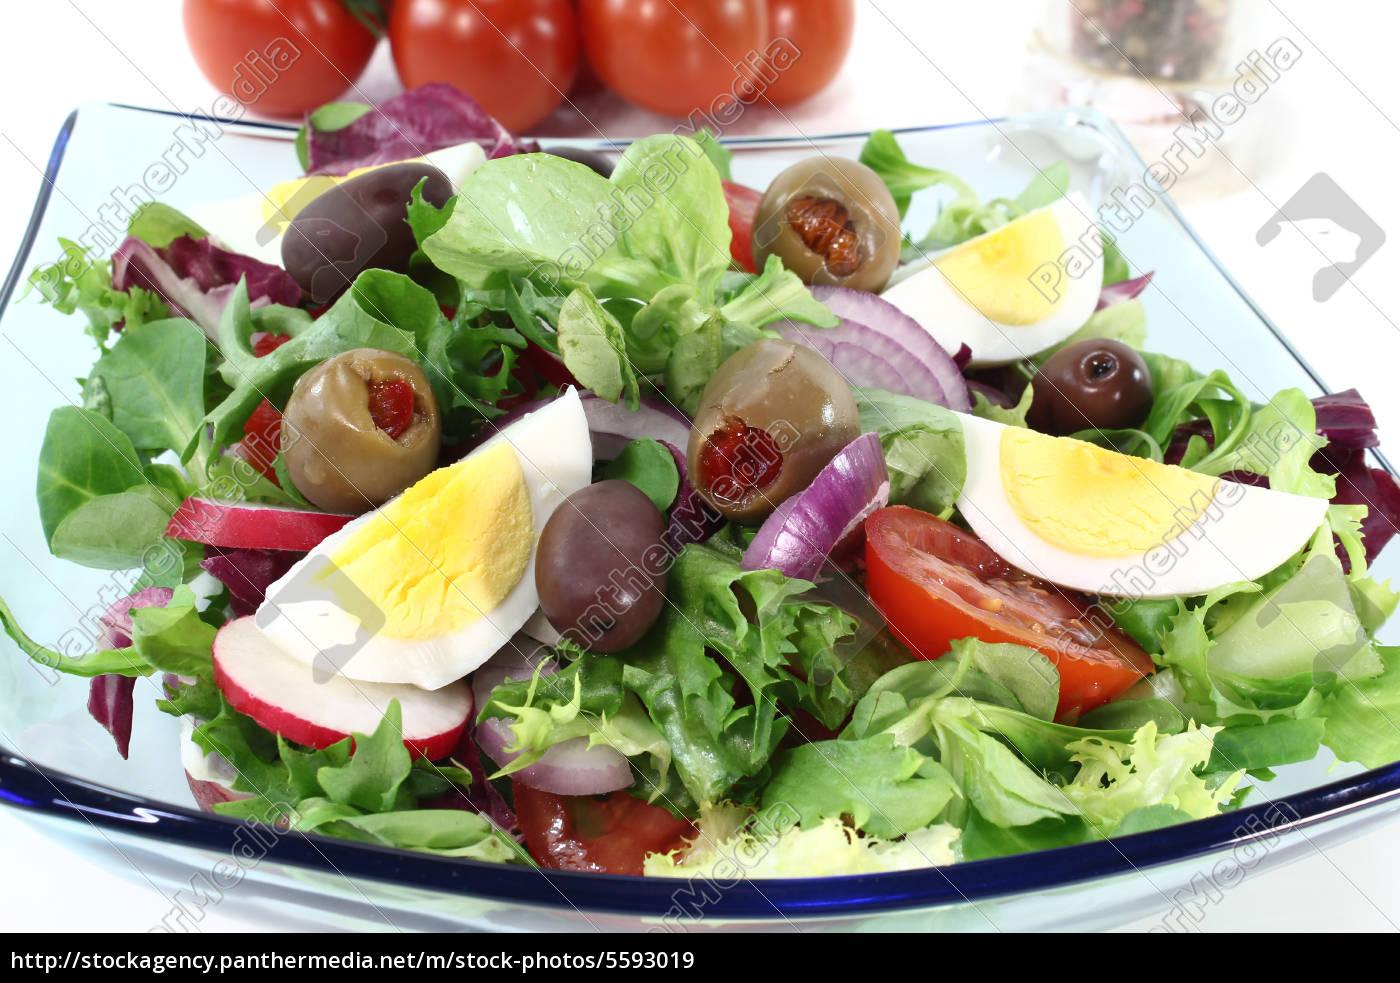 chef, salad - 5593019